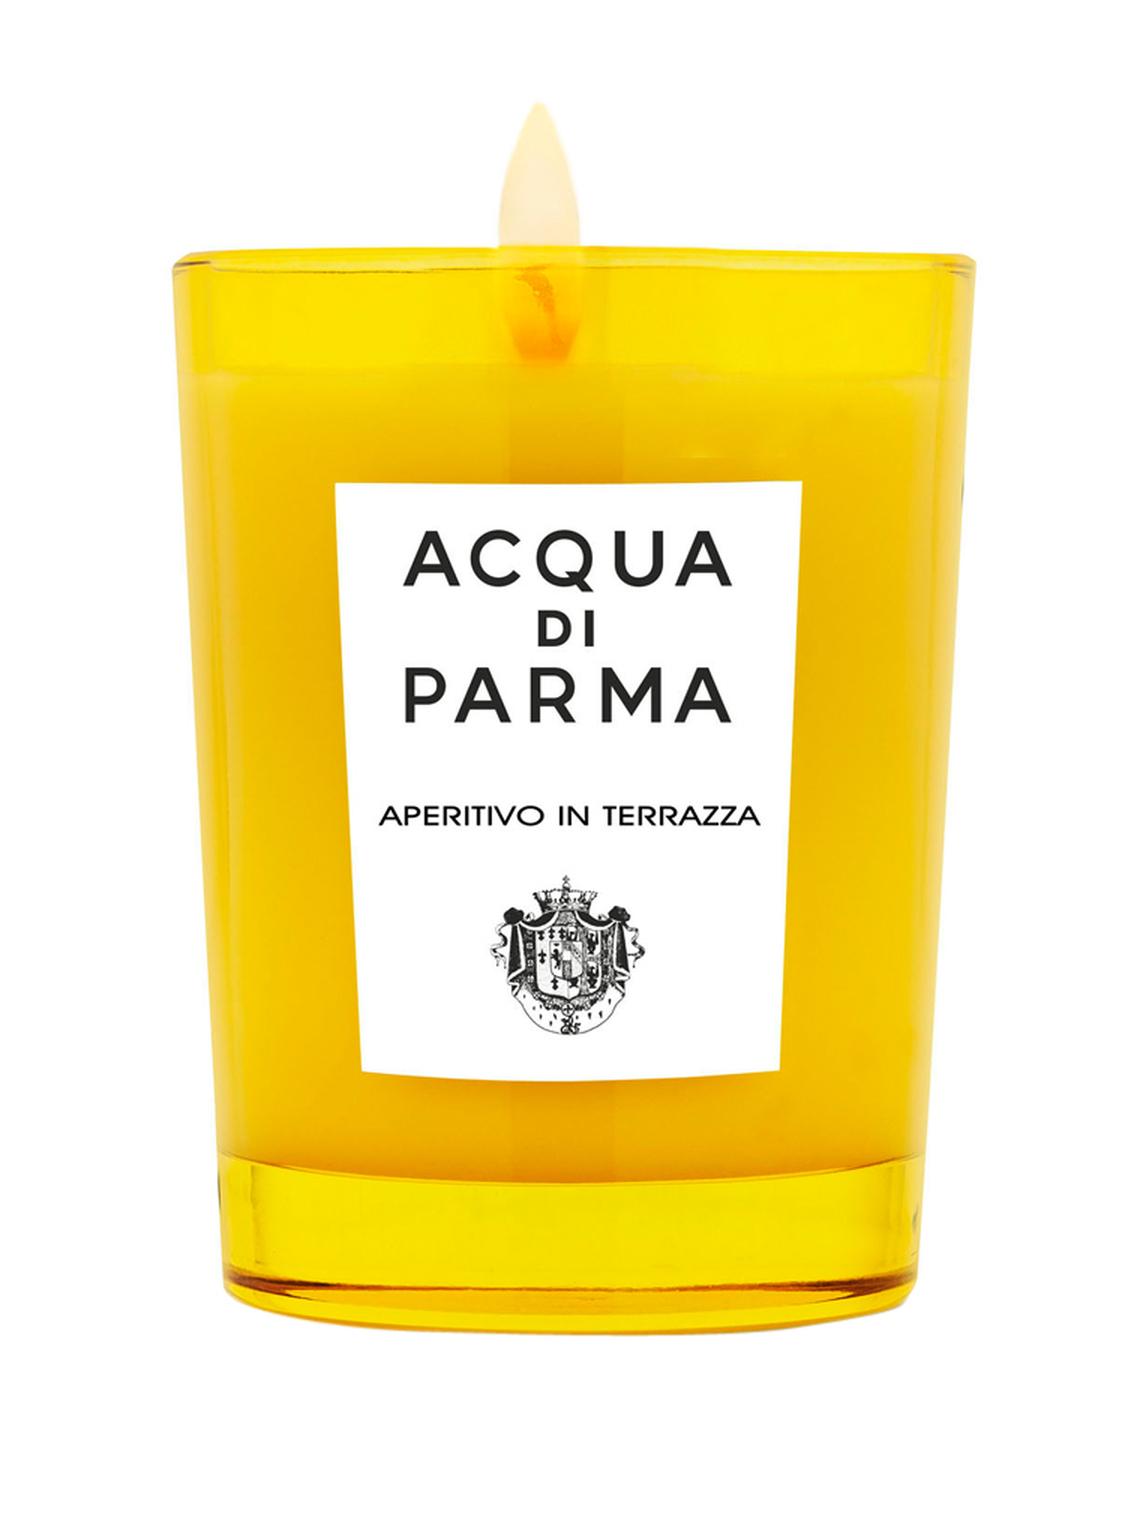 Image of Acqua Di Parma Aperitivo In Terrazza Duftkerze 200 gr